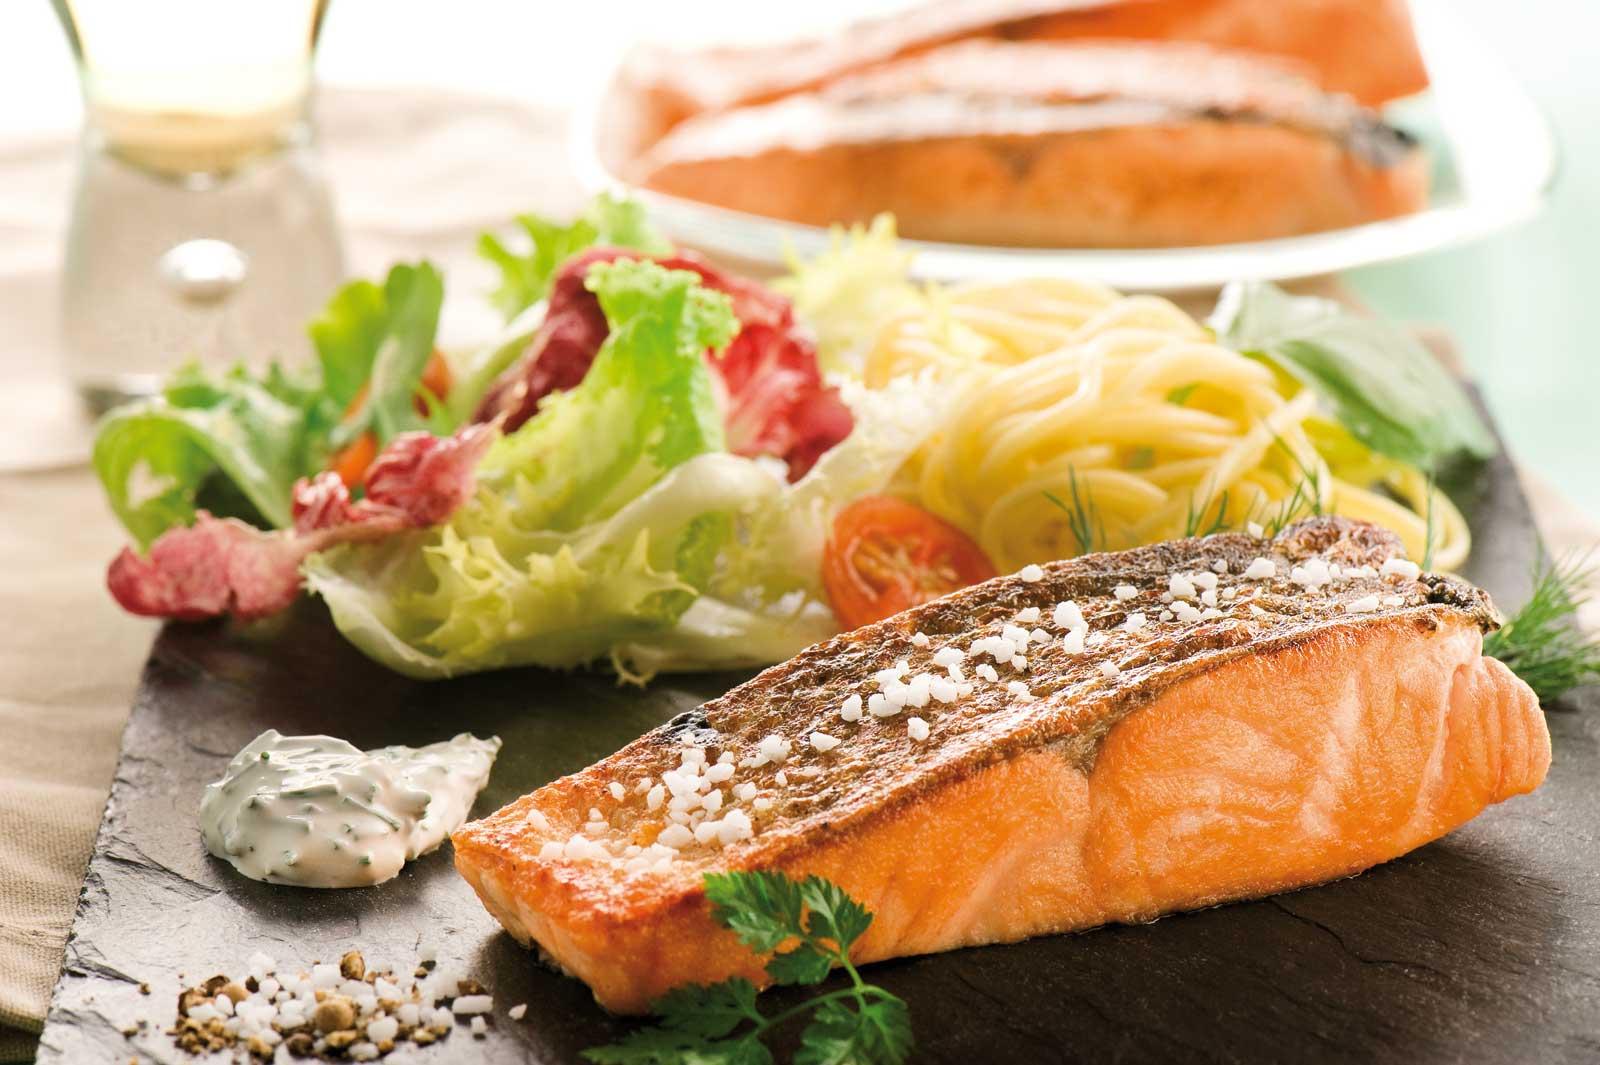 imagespave-de-saumon-2.jpg